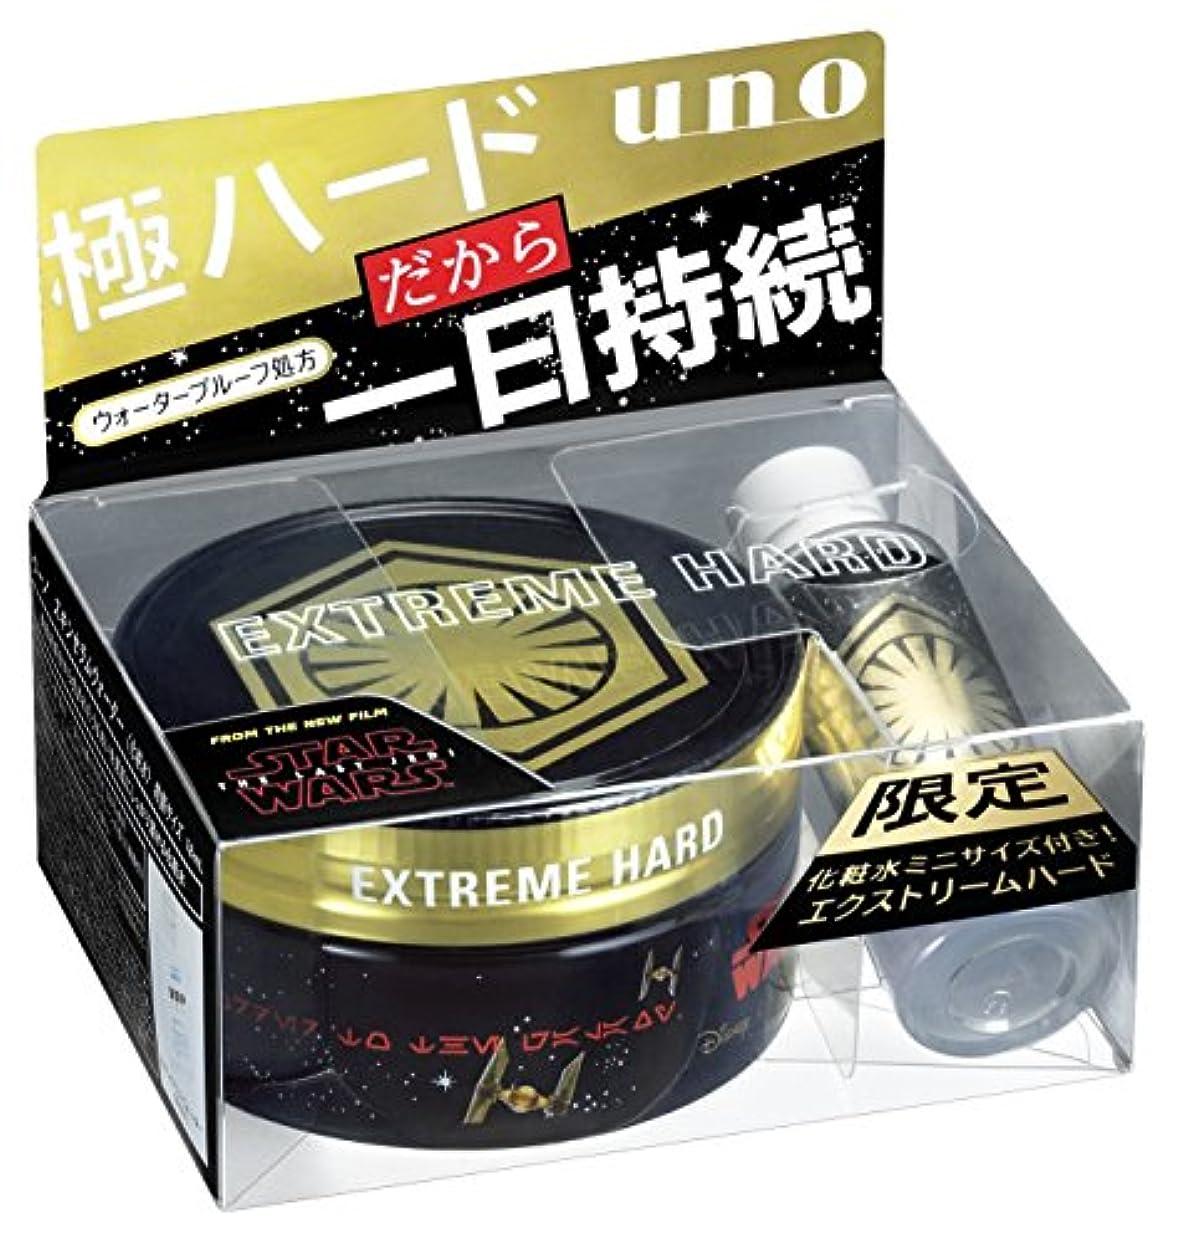 王族きょうだい膨らませるuno(ウーノ) ウーノ エクストリームハード ワックス 80g スキンセラムウォーターミニボトル付(スターウォーズEp8)